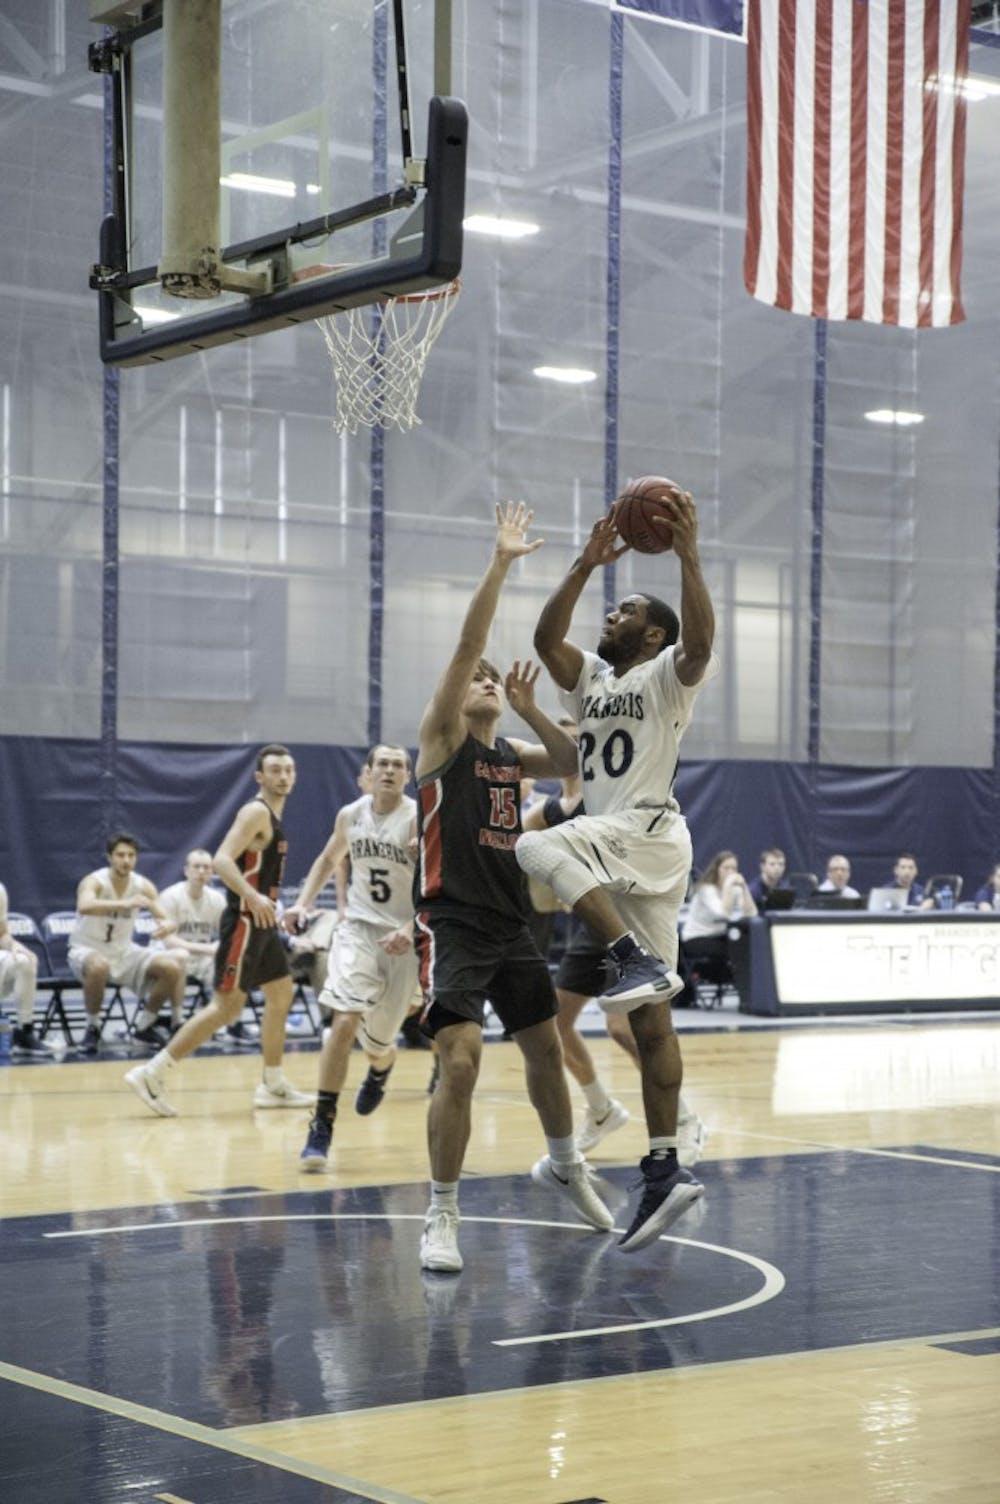 basketball-m-vs-carnegie-mellon-1-28-18-knd0255